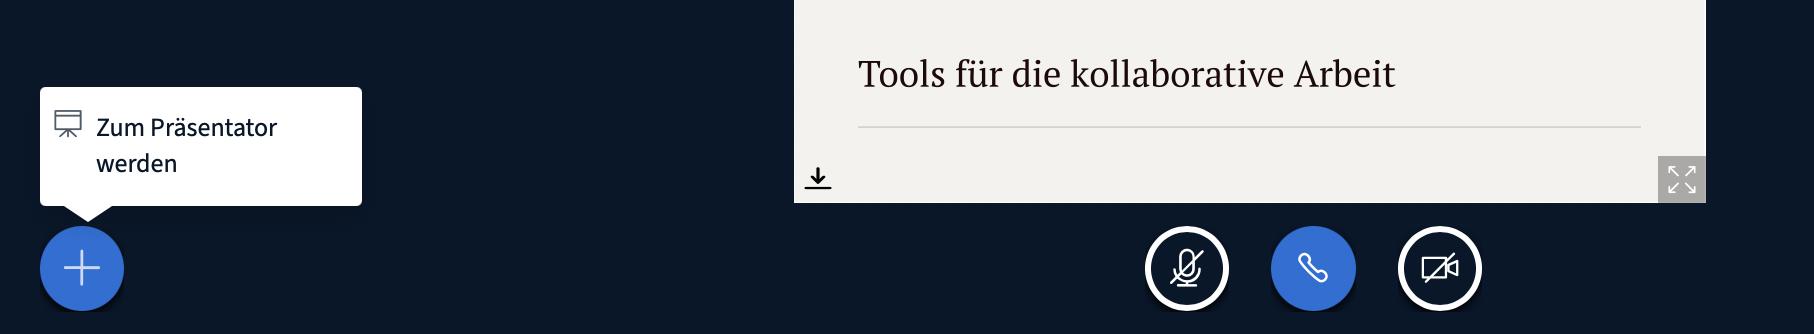 """Steht die Option """"Bildschirm teilen"""" nicht zur Verfügung, so muss zunächst der Präsentator:innen-Status aktiviert werden."""